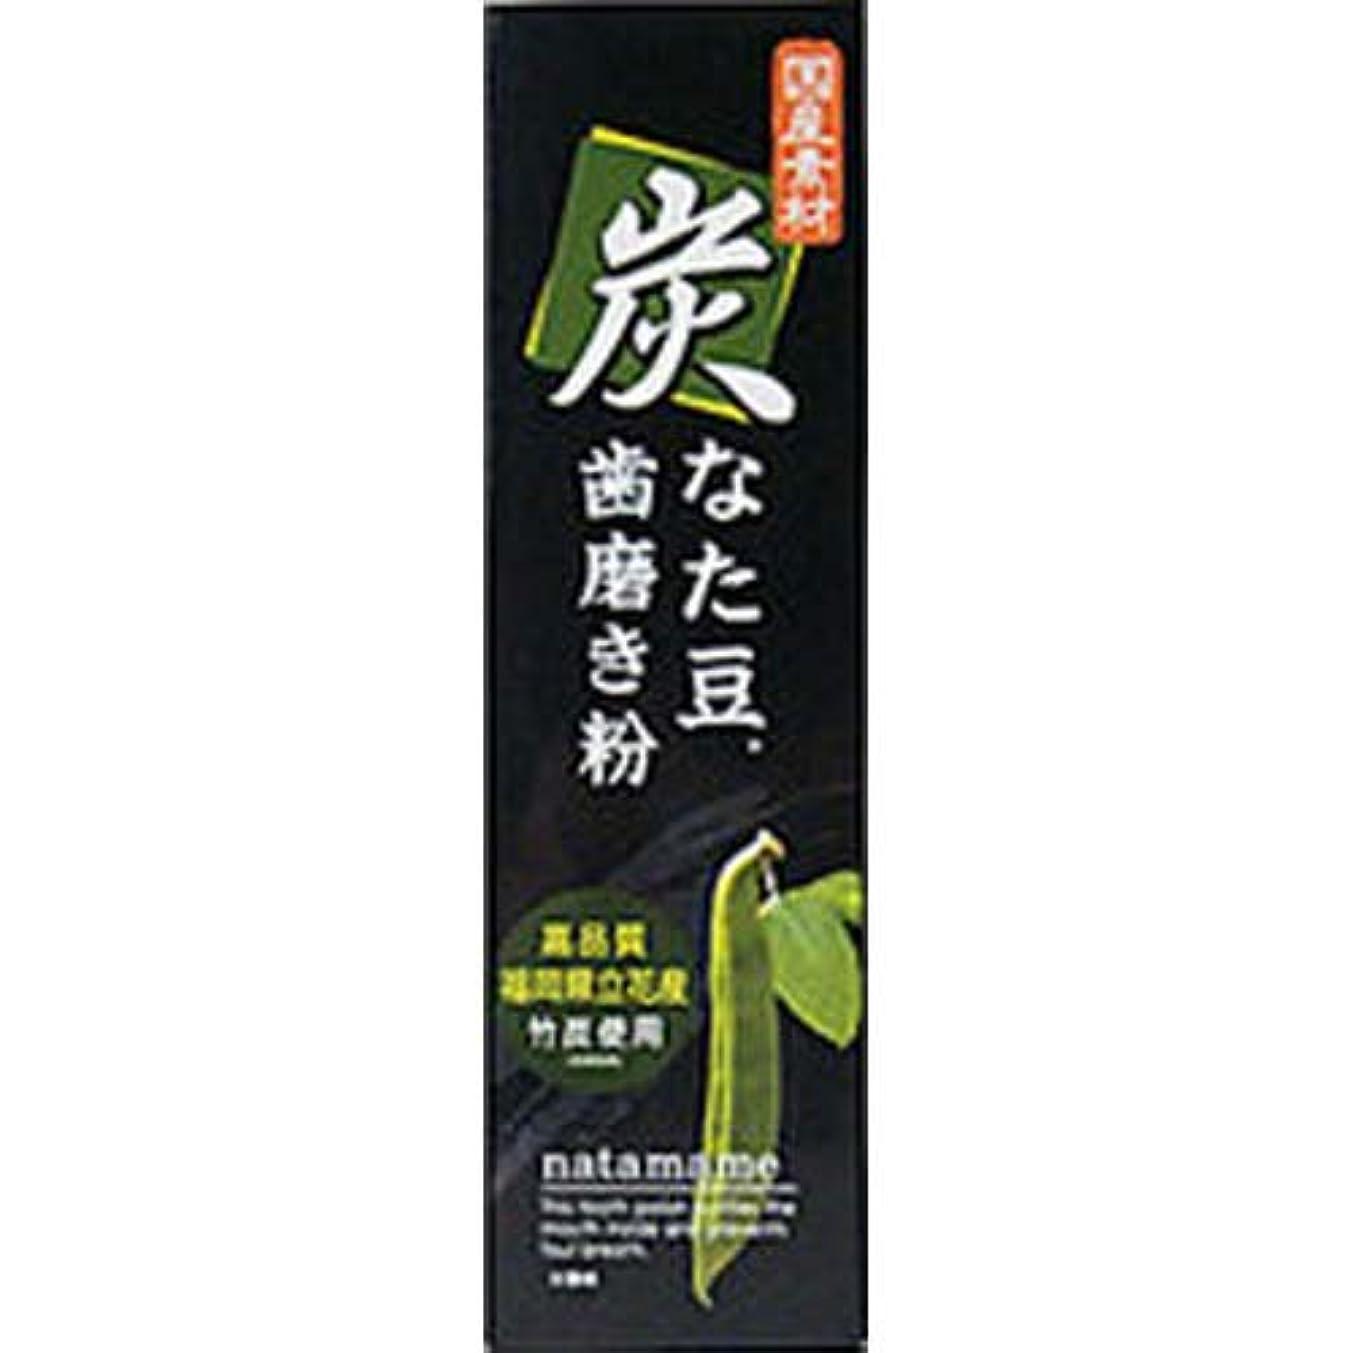 ミトンエクステント一回炭なた豆歯磨き粉 120g